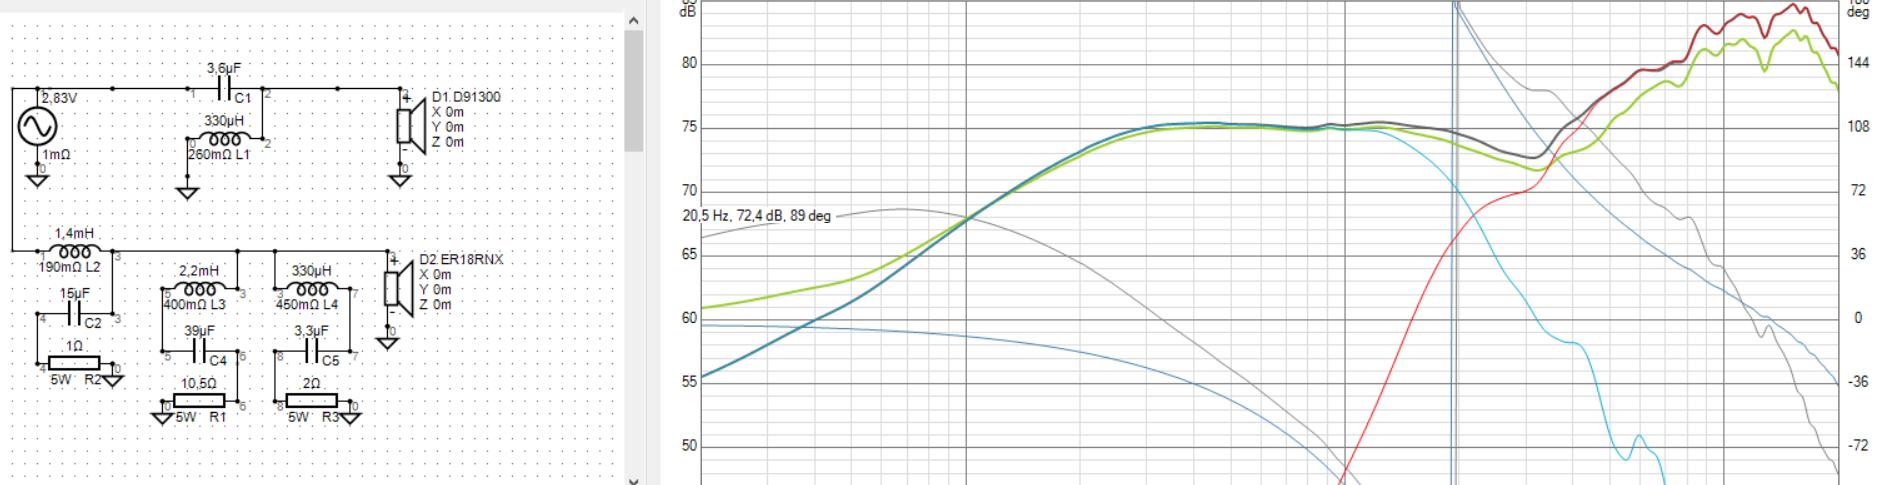 Klicke auf die Grafik für eine größere Ansicht  Name:HT Anstieg.PNG Hits:561 Größe:212,6 KB ID:55946